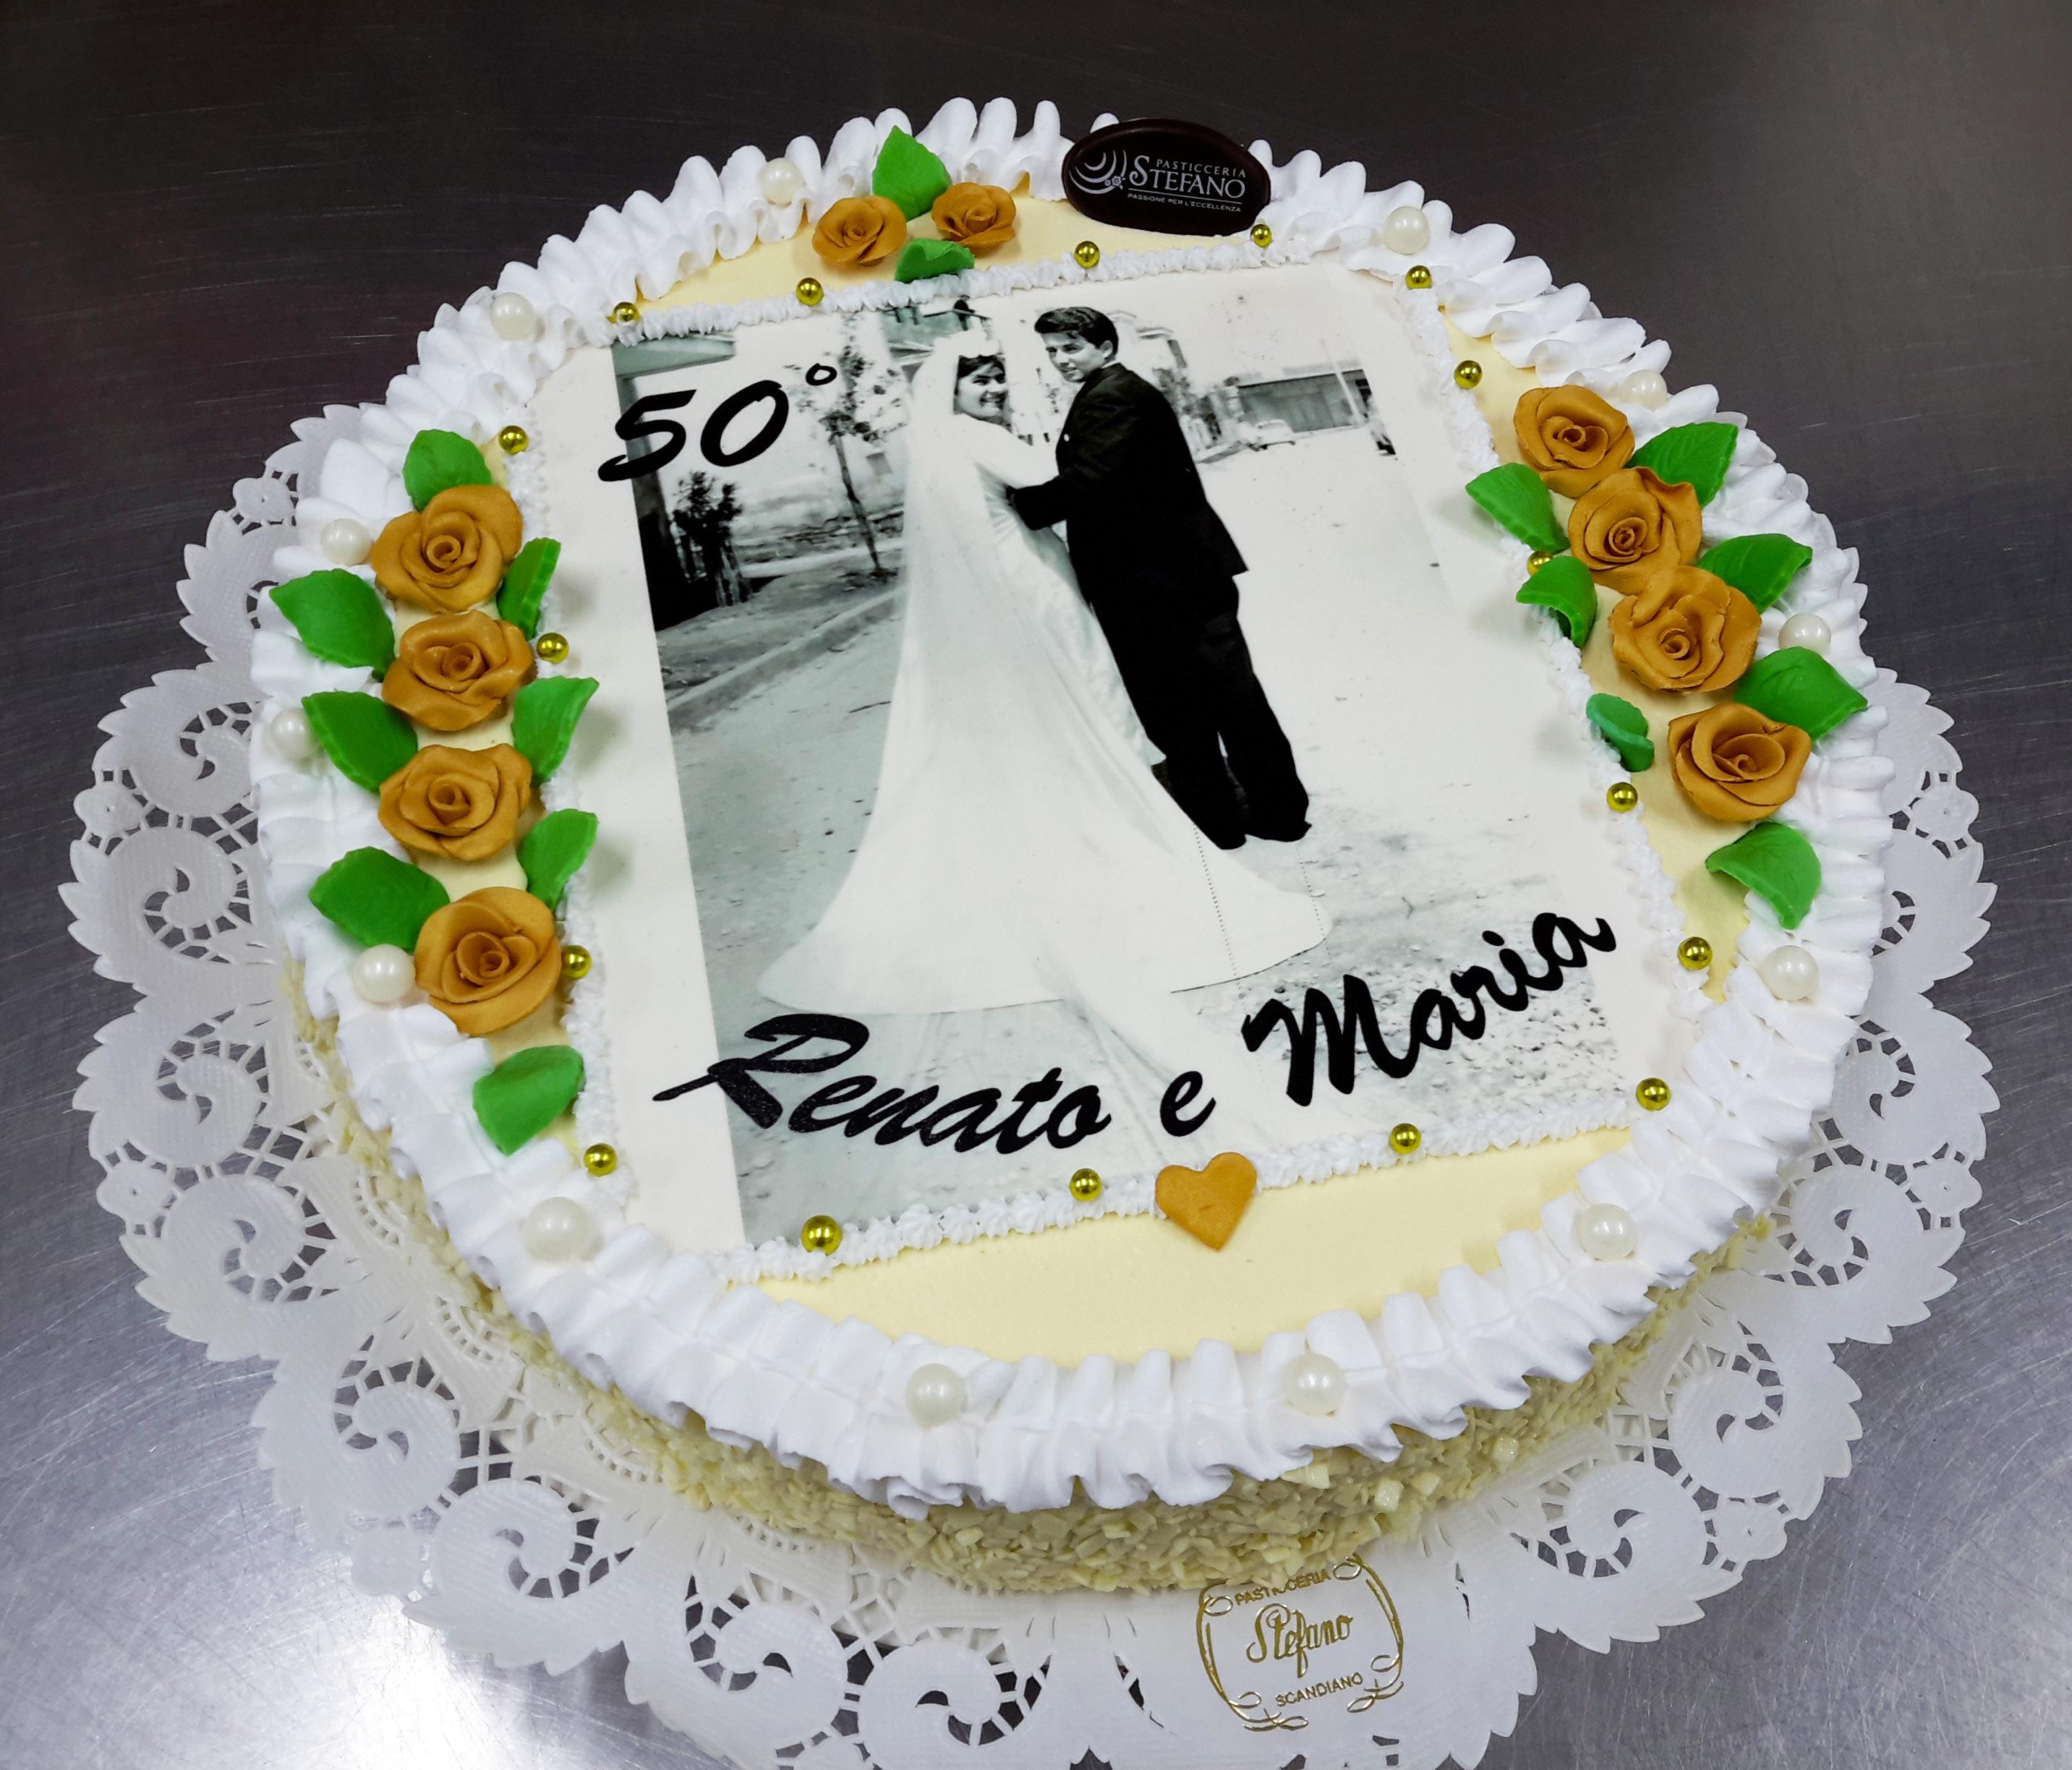 Torte Anniversario Di Matrimonio Pasta Di Zucchero.Torta 50 Pasticceria Stefano